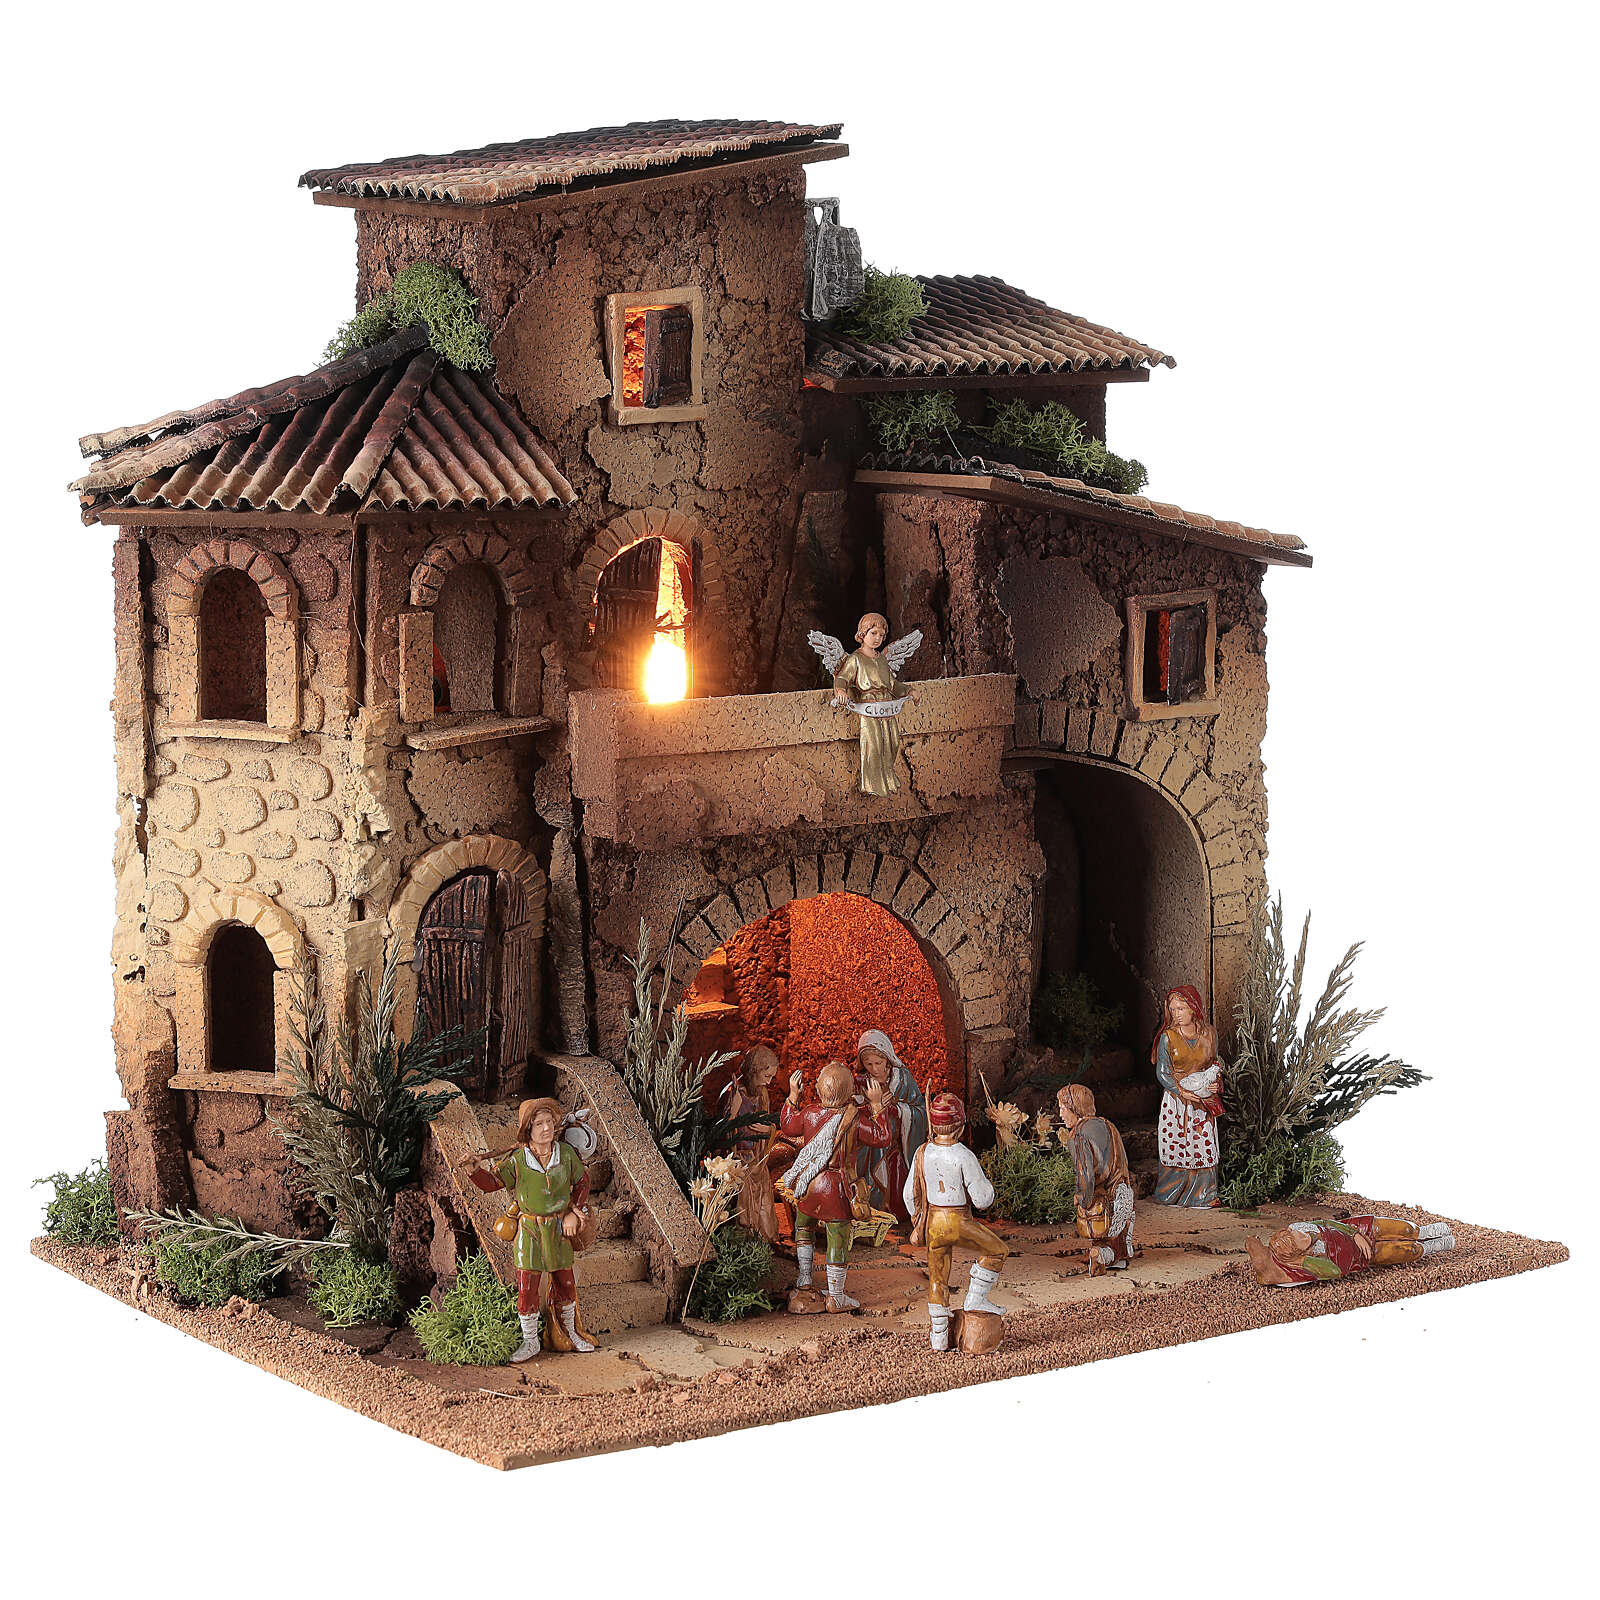 Presepe borgo completo doppia scala 40x40x30 statue 8 cm Moranduzzo 4